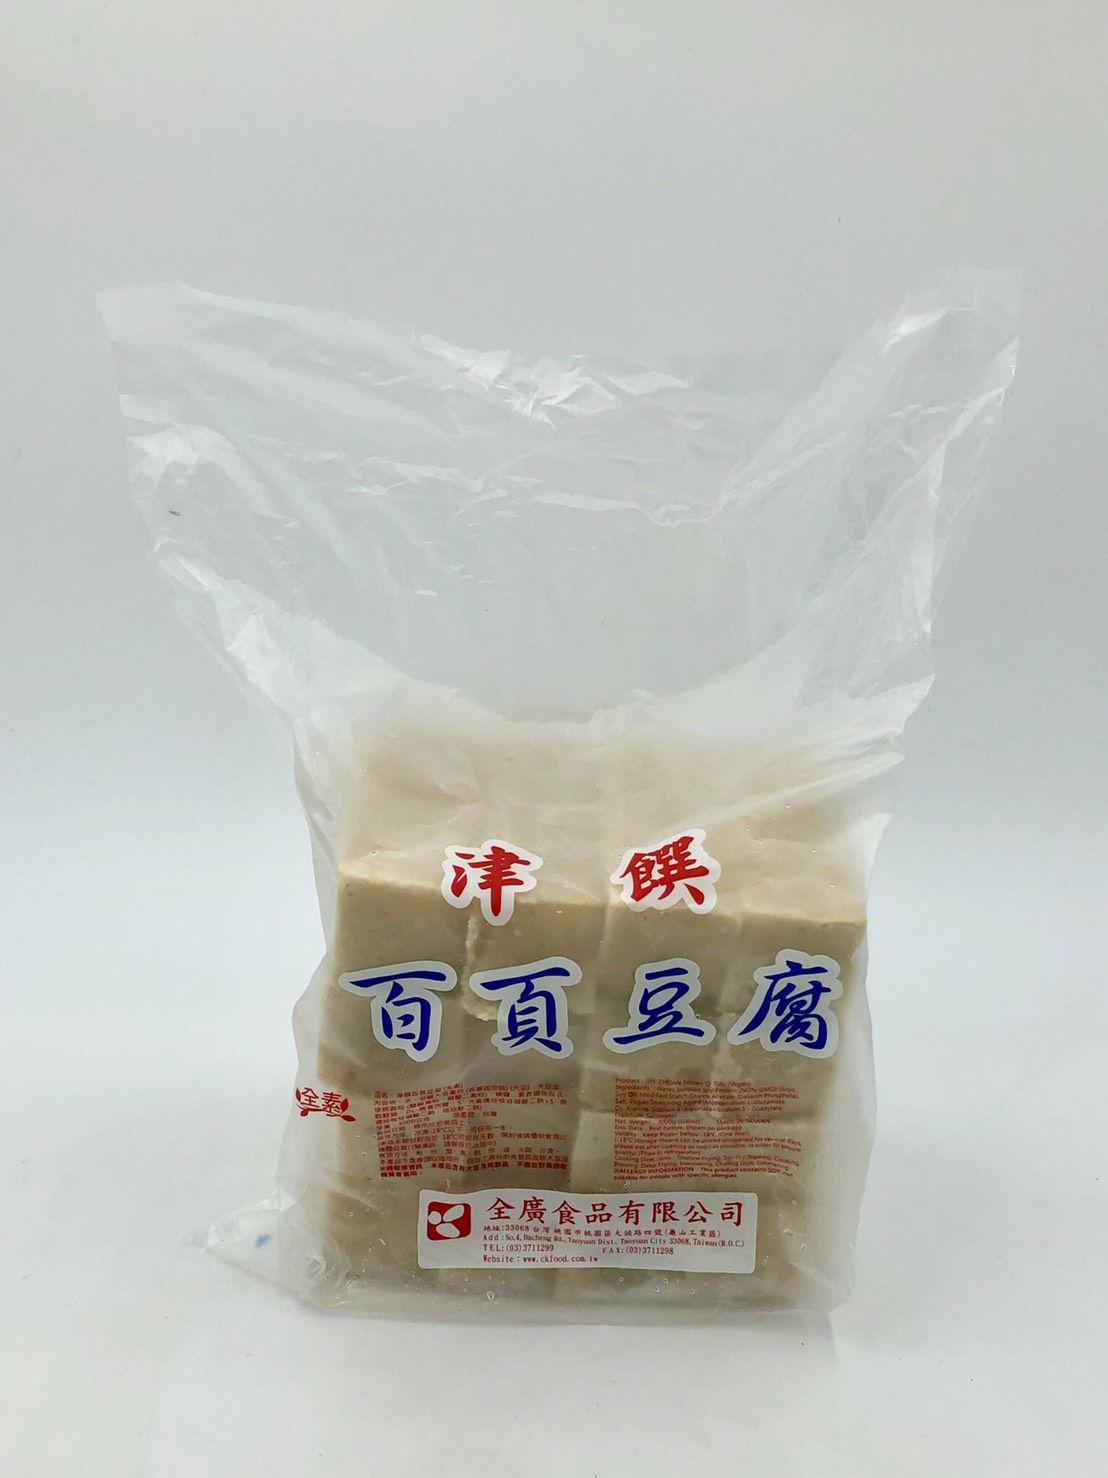 (全廣)津饌百頁豆腐5斤(全素)